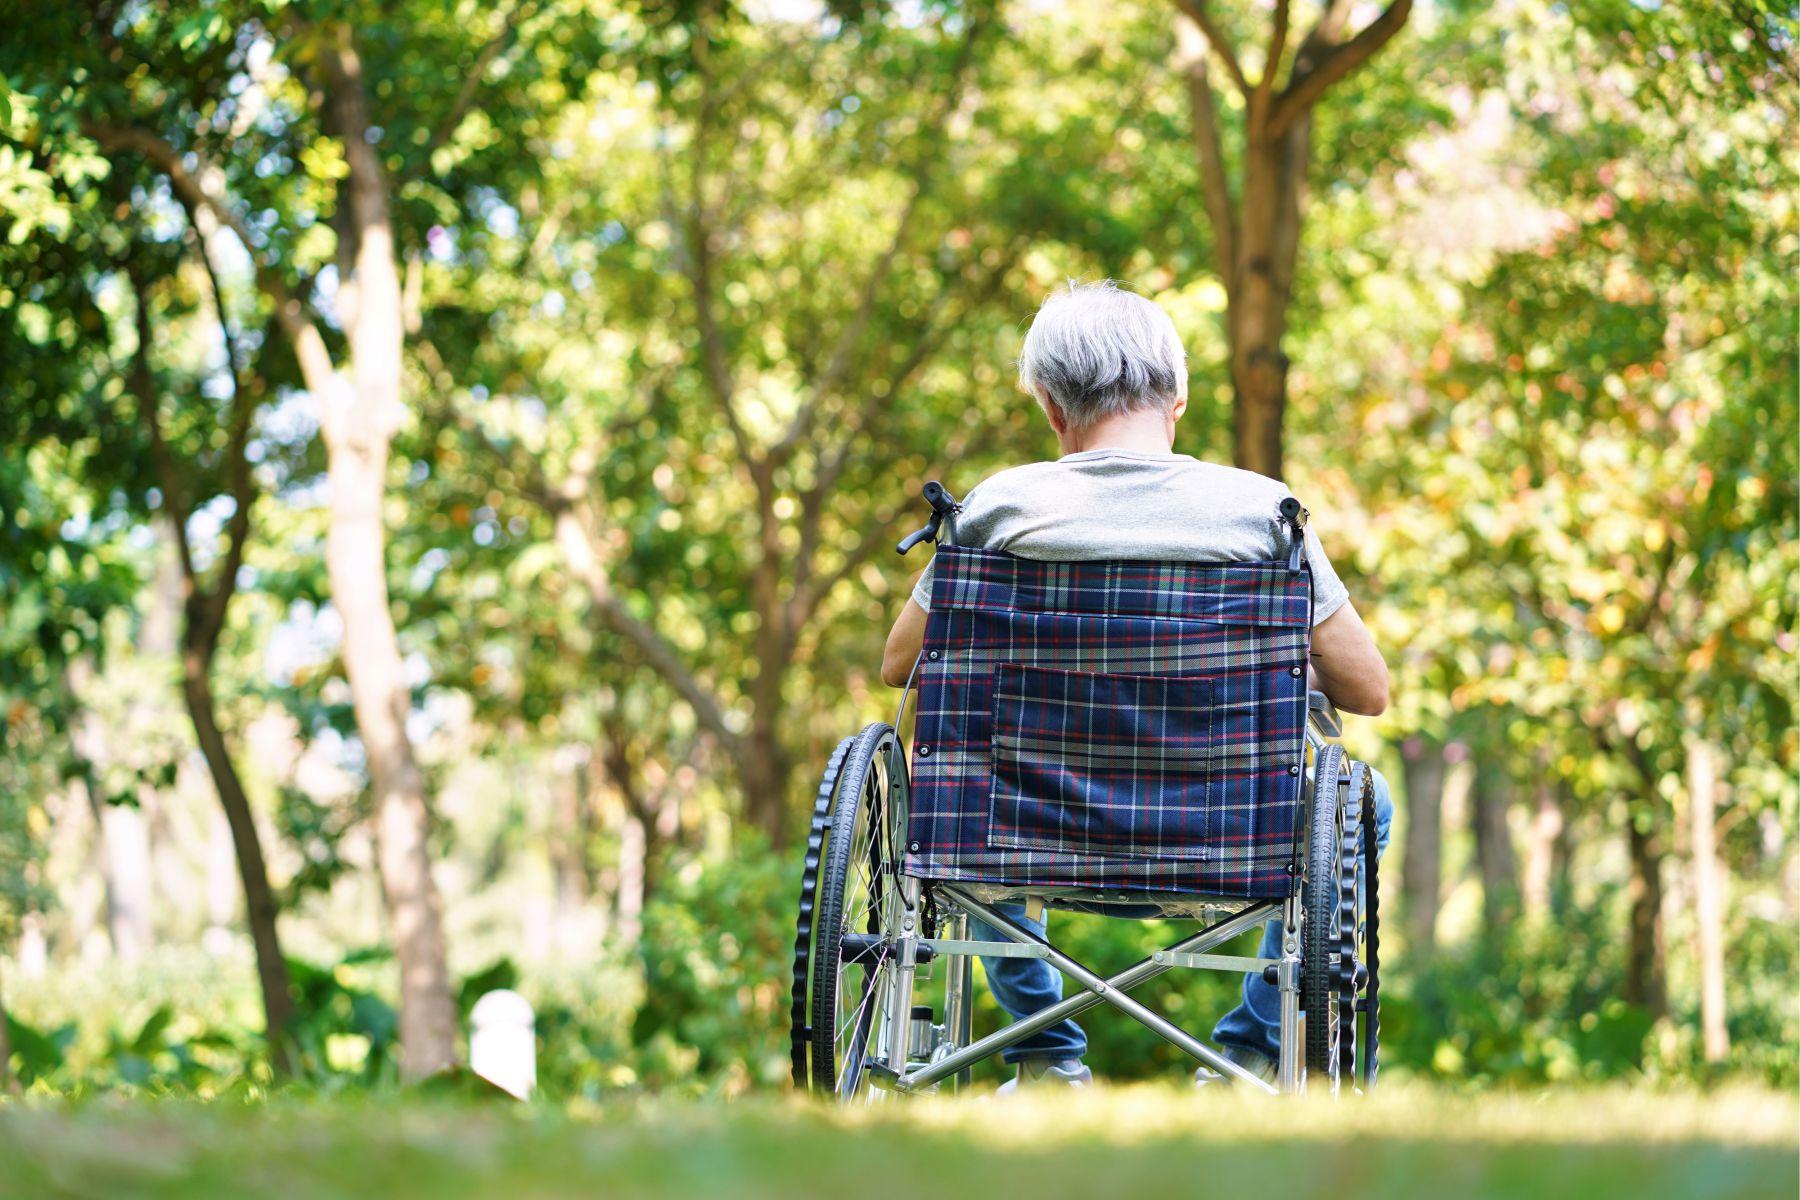 曾年少輕狂,67歲罹食道癌後...竟被姊姊放棄不顧!他獨自善終往生:我連累了姊姊,很對不起她……